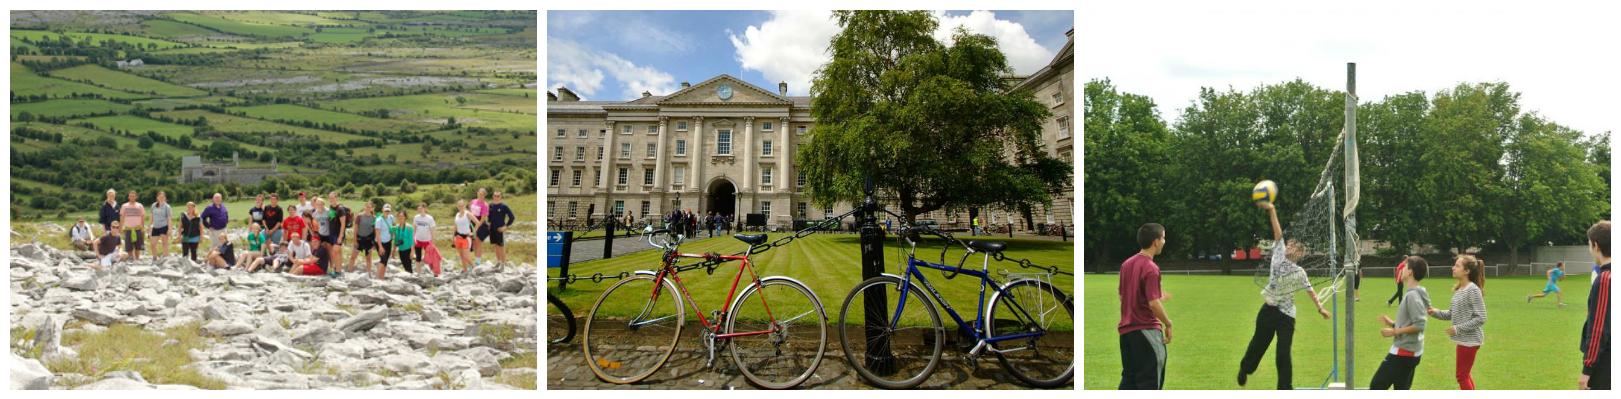 коллаж о летних каникулах в Ирландии для школьников